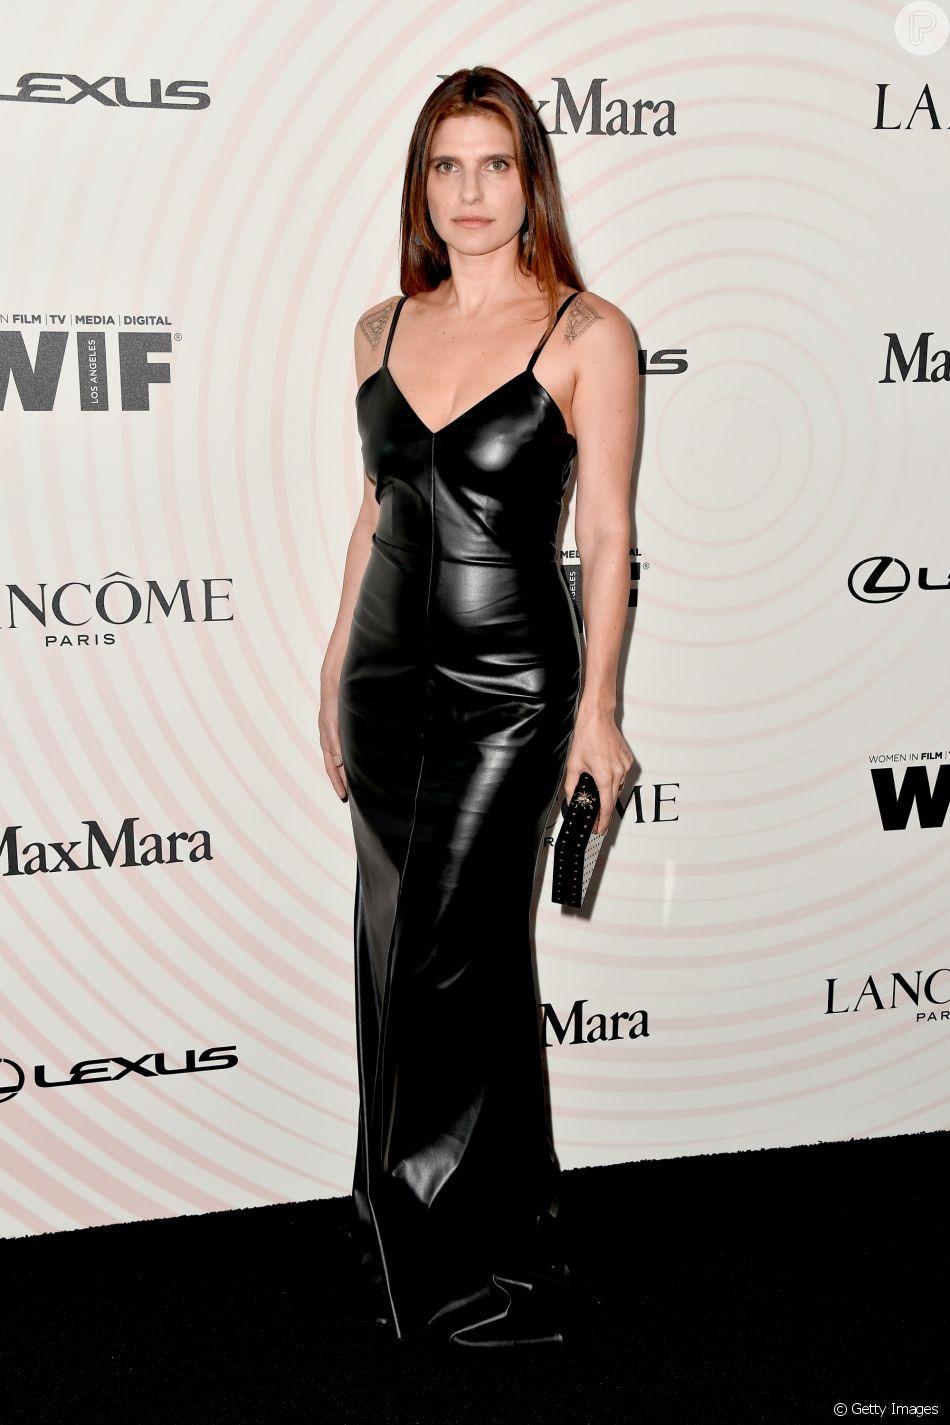 A atriz Lake Bell no Women In Film 2018 Crystal + Lucy Awards, promovido por Max Mara, Lancôme e Lexus no The Beverly Hilton Hotel, em Beverly Hills, na Califórnia, nesta quarta-feira, 13 de junho de 2018